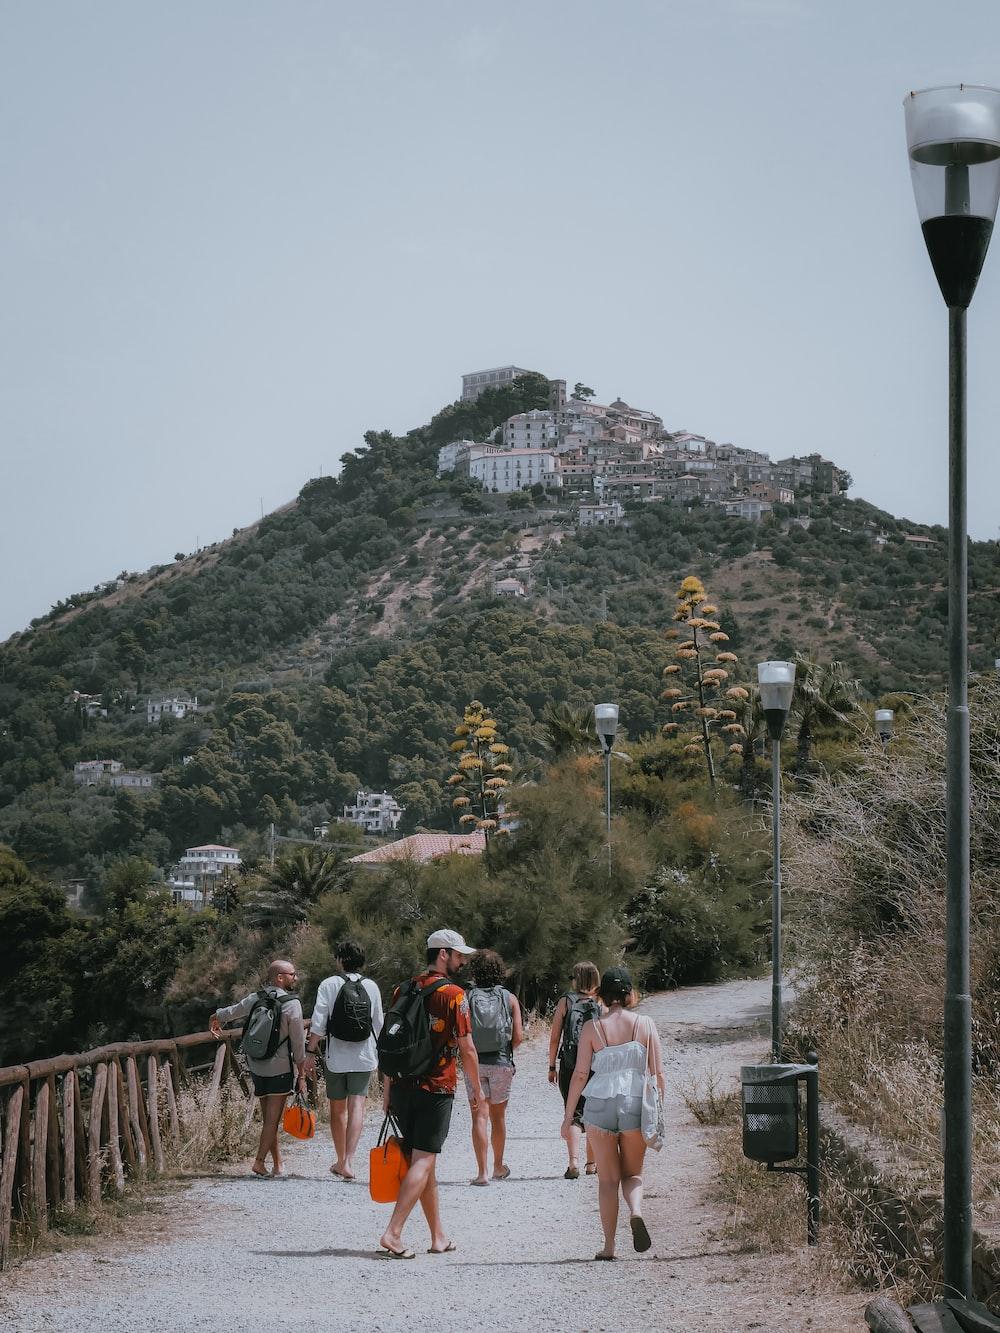 people walking on brown wooden bridge during daytime